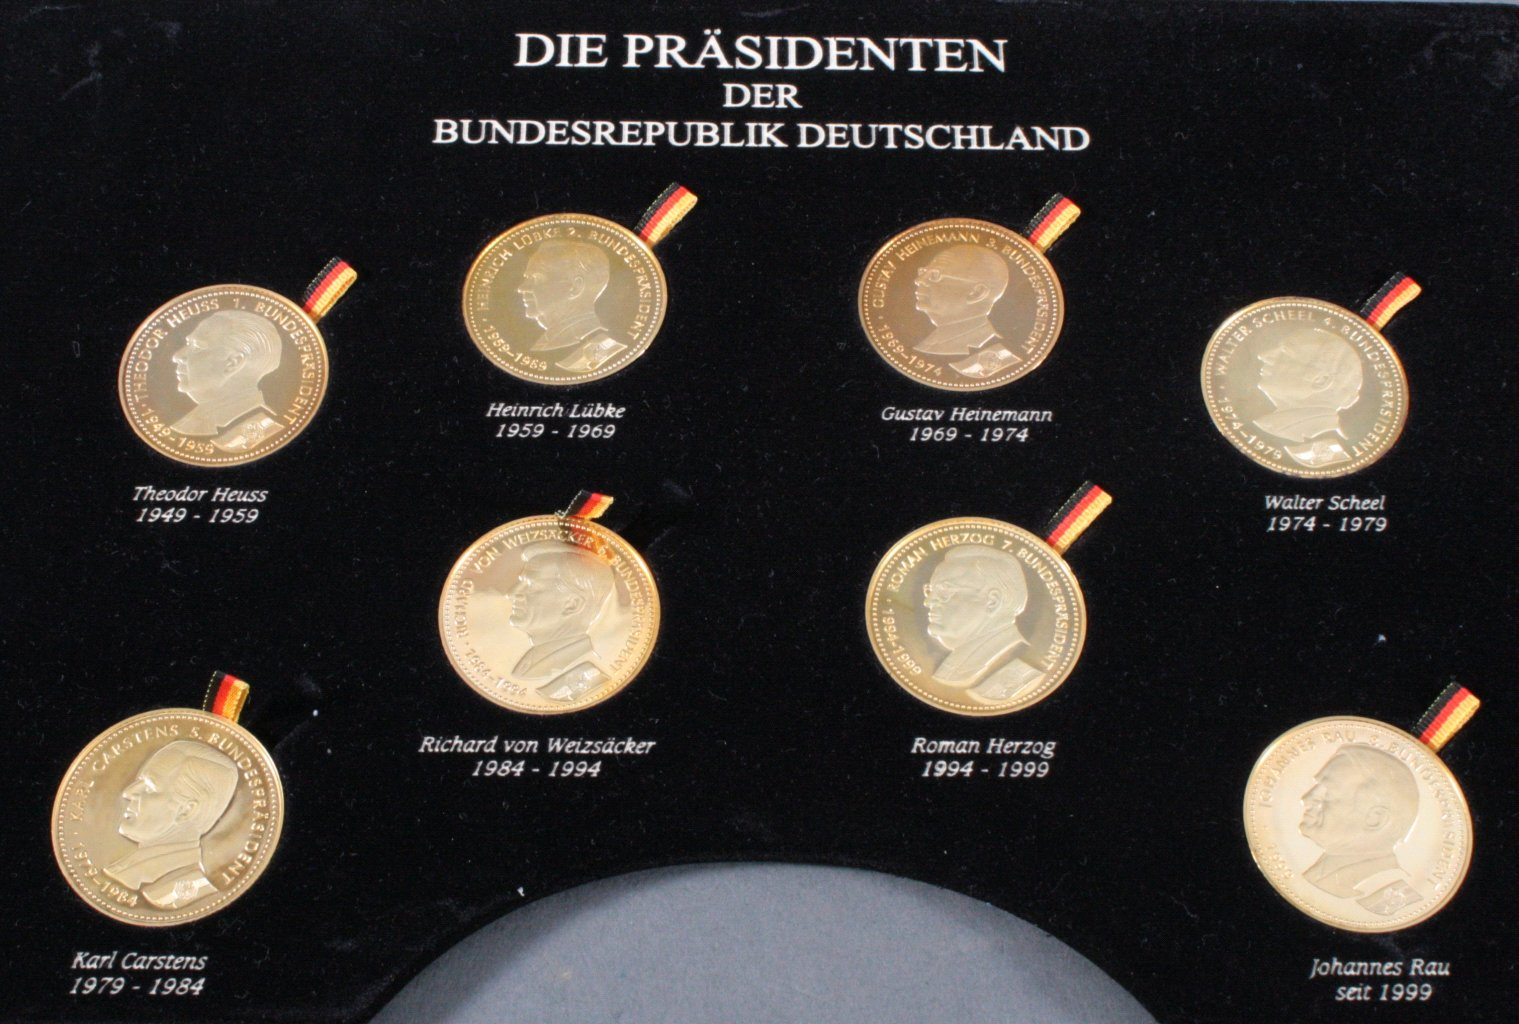 Die Präsidenten und Kanzler der Bundesrepublik Deutschland-1